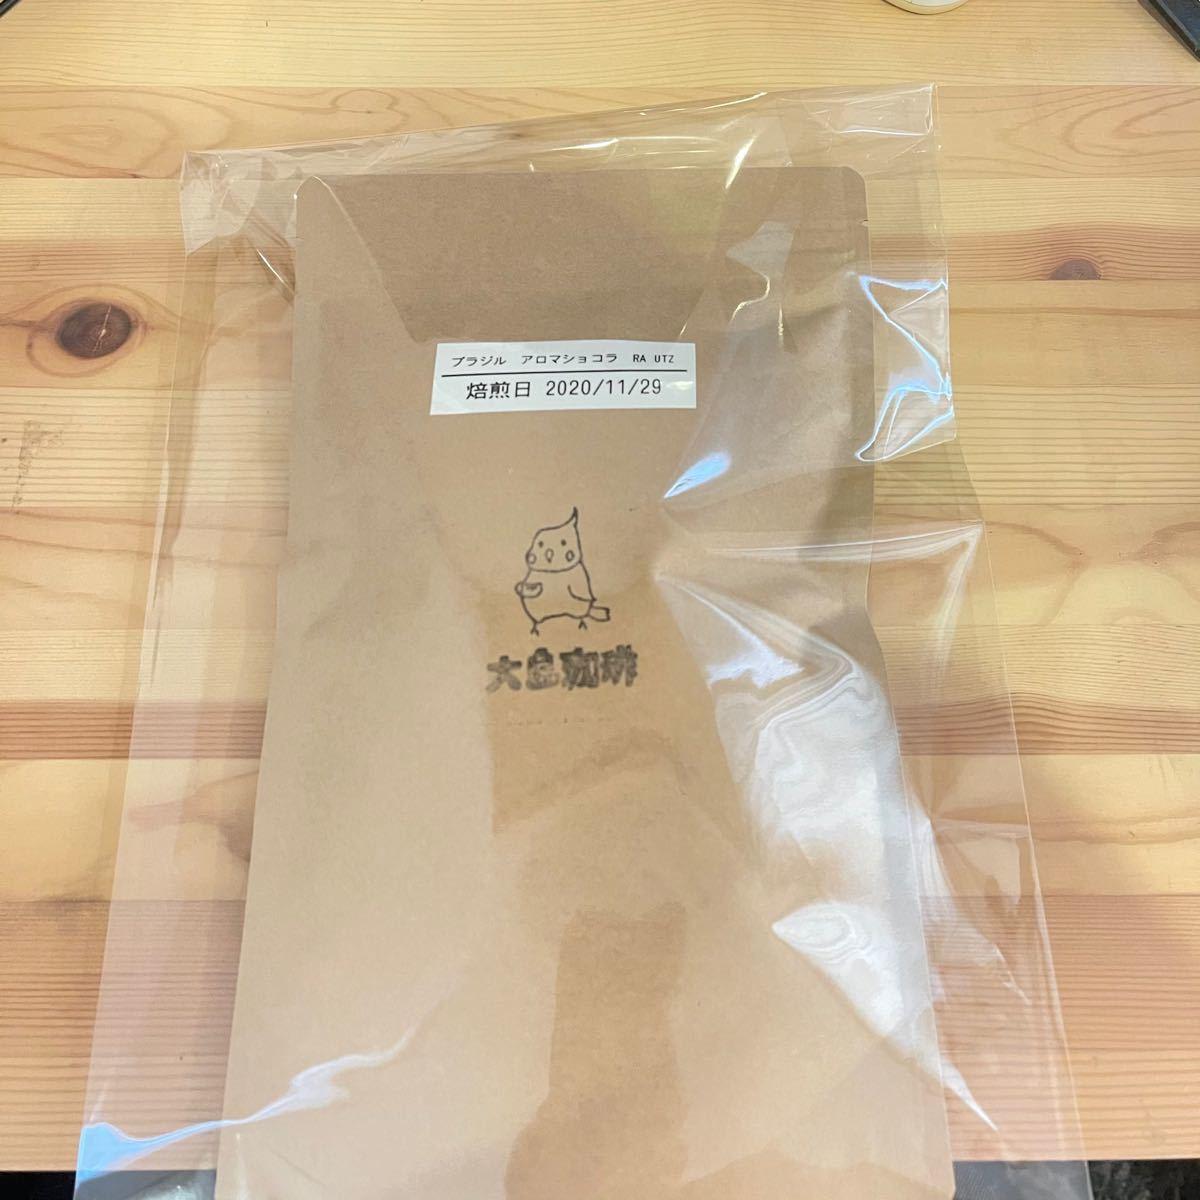 自家焙煎 ブラジル アロマショコラRA UTZ 150g(豆又は粉)匿名配送 四